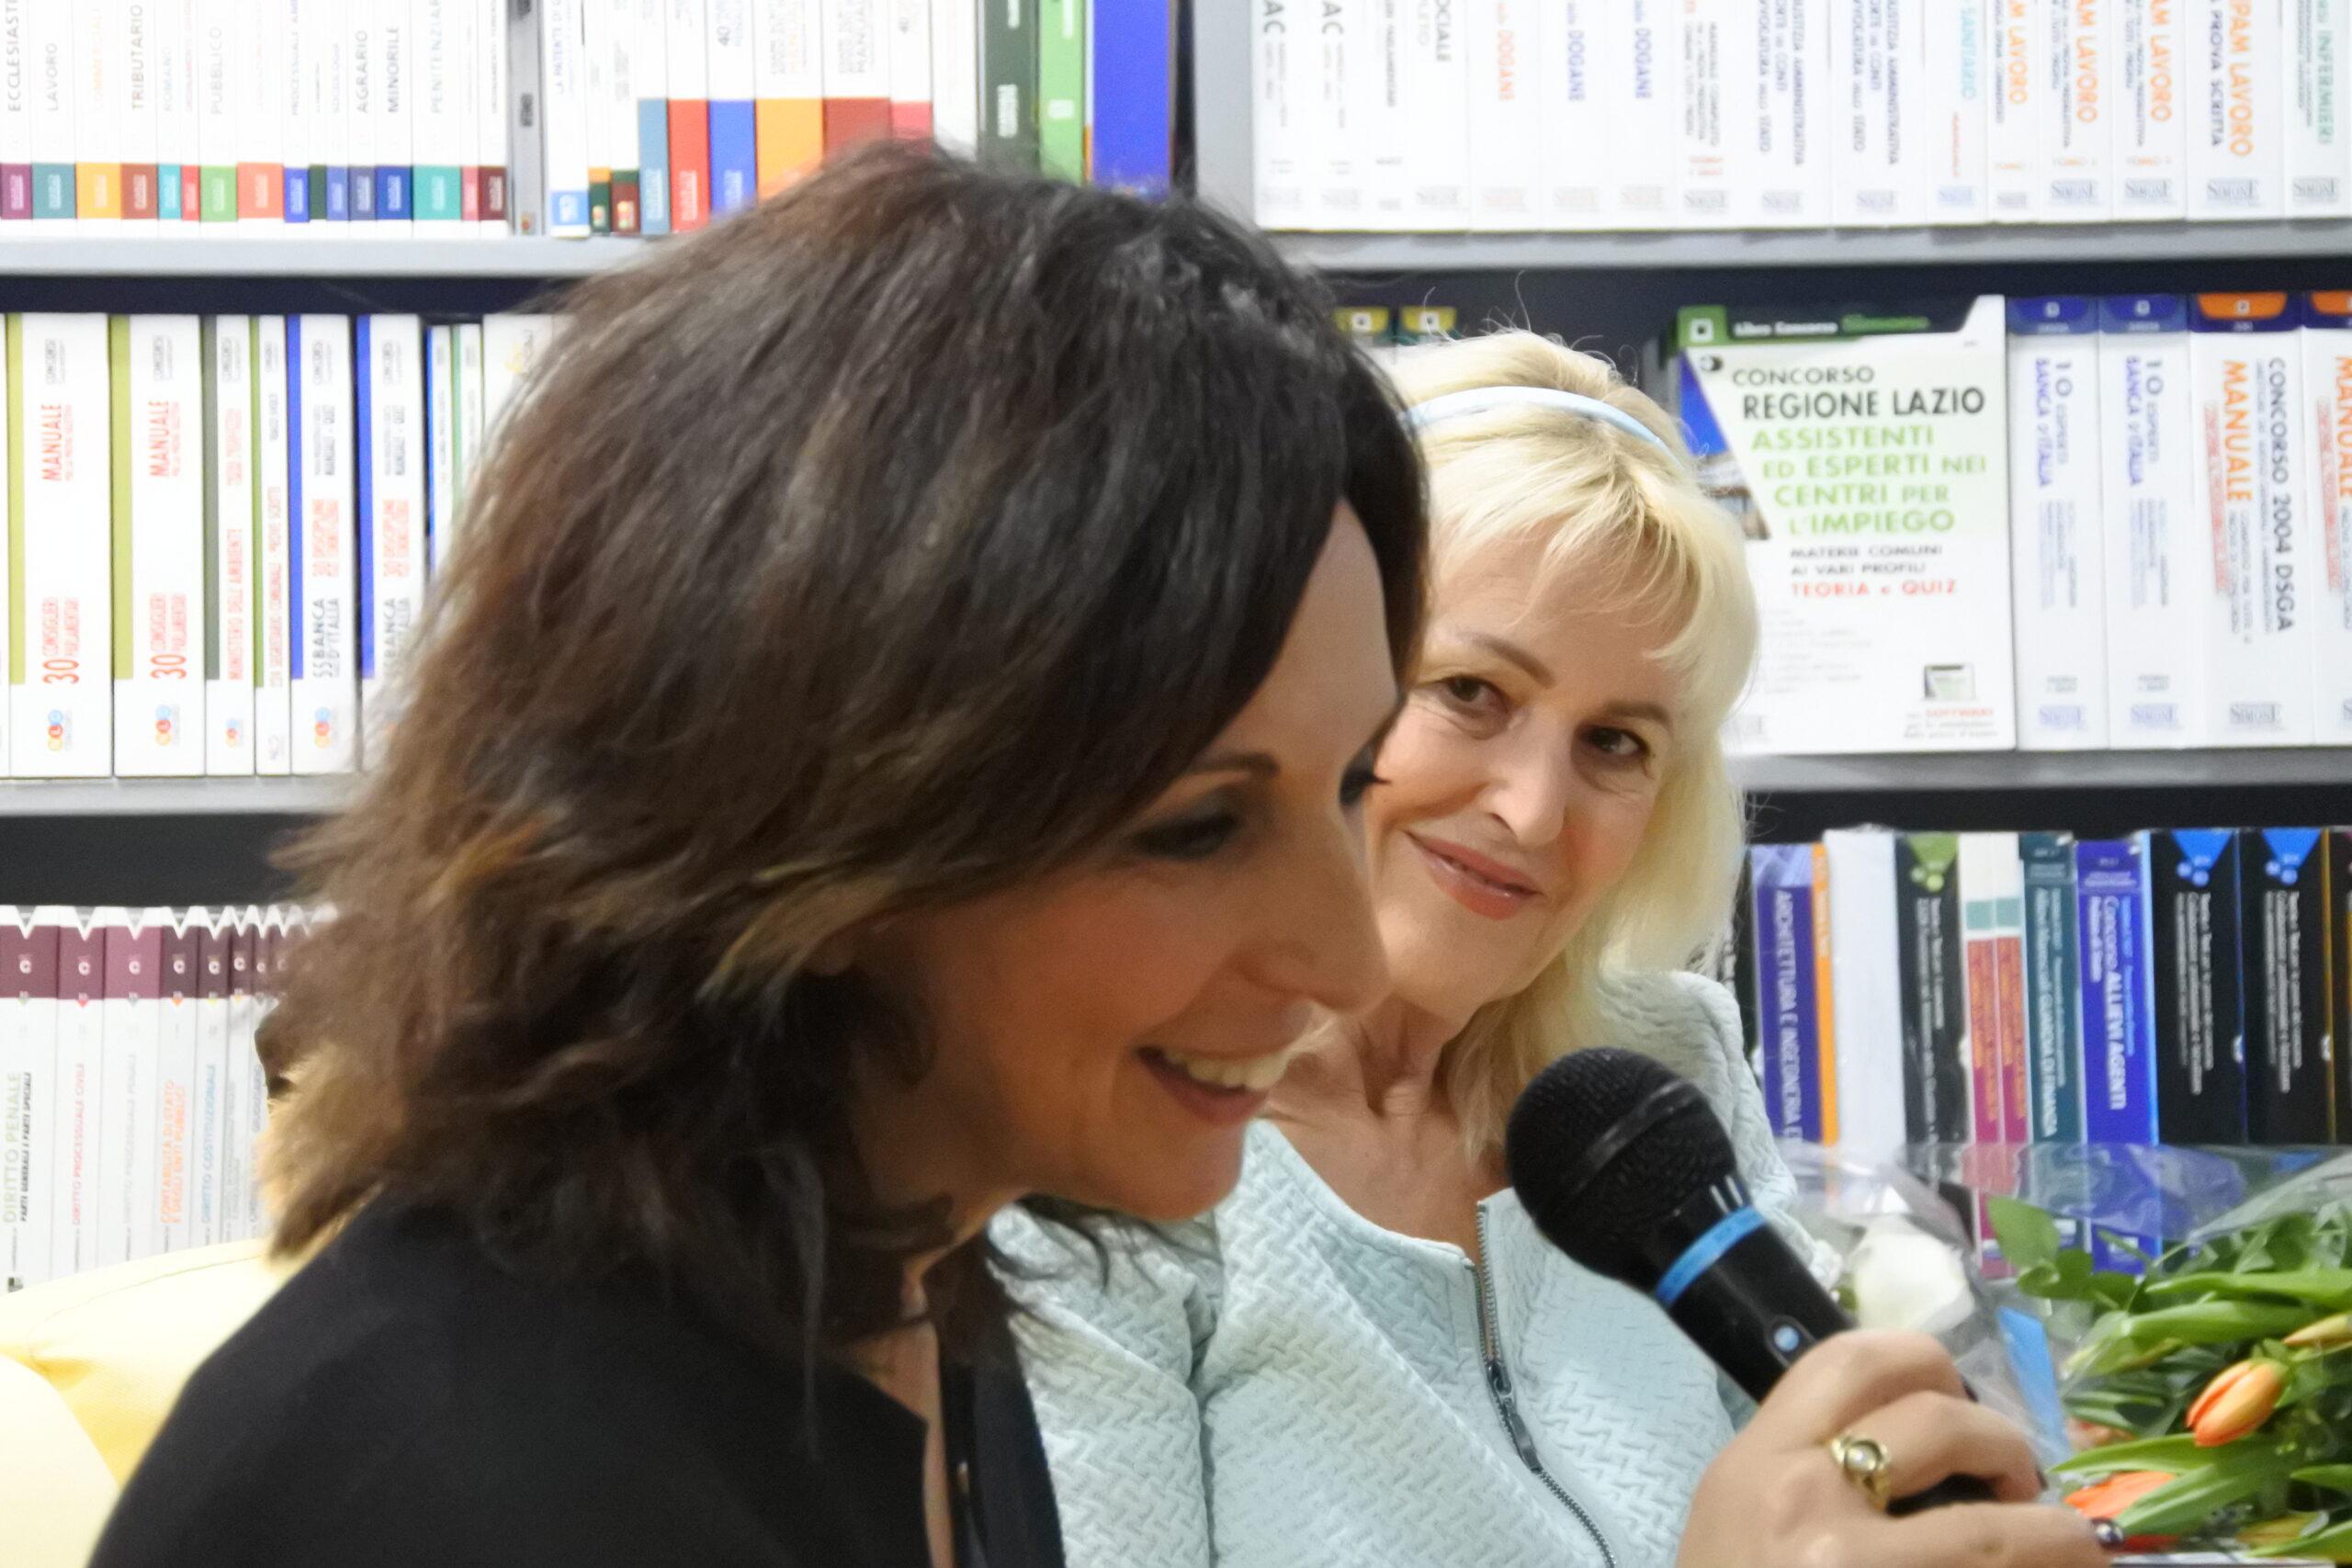 Silvia Rossetti e Cinzia Tani